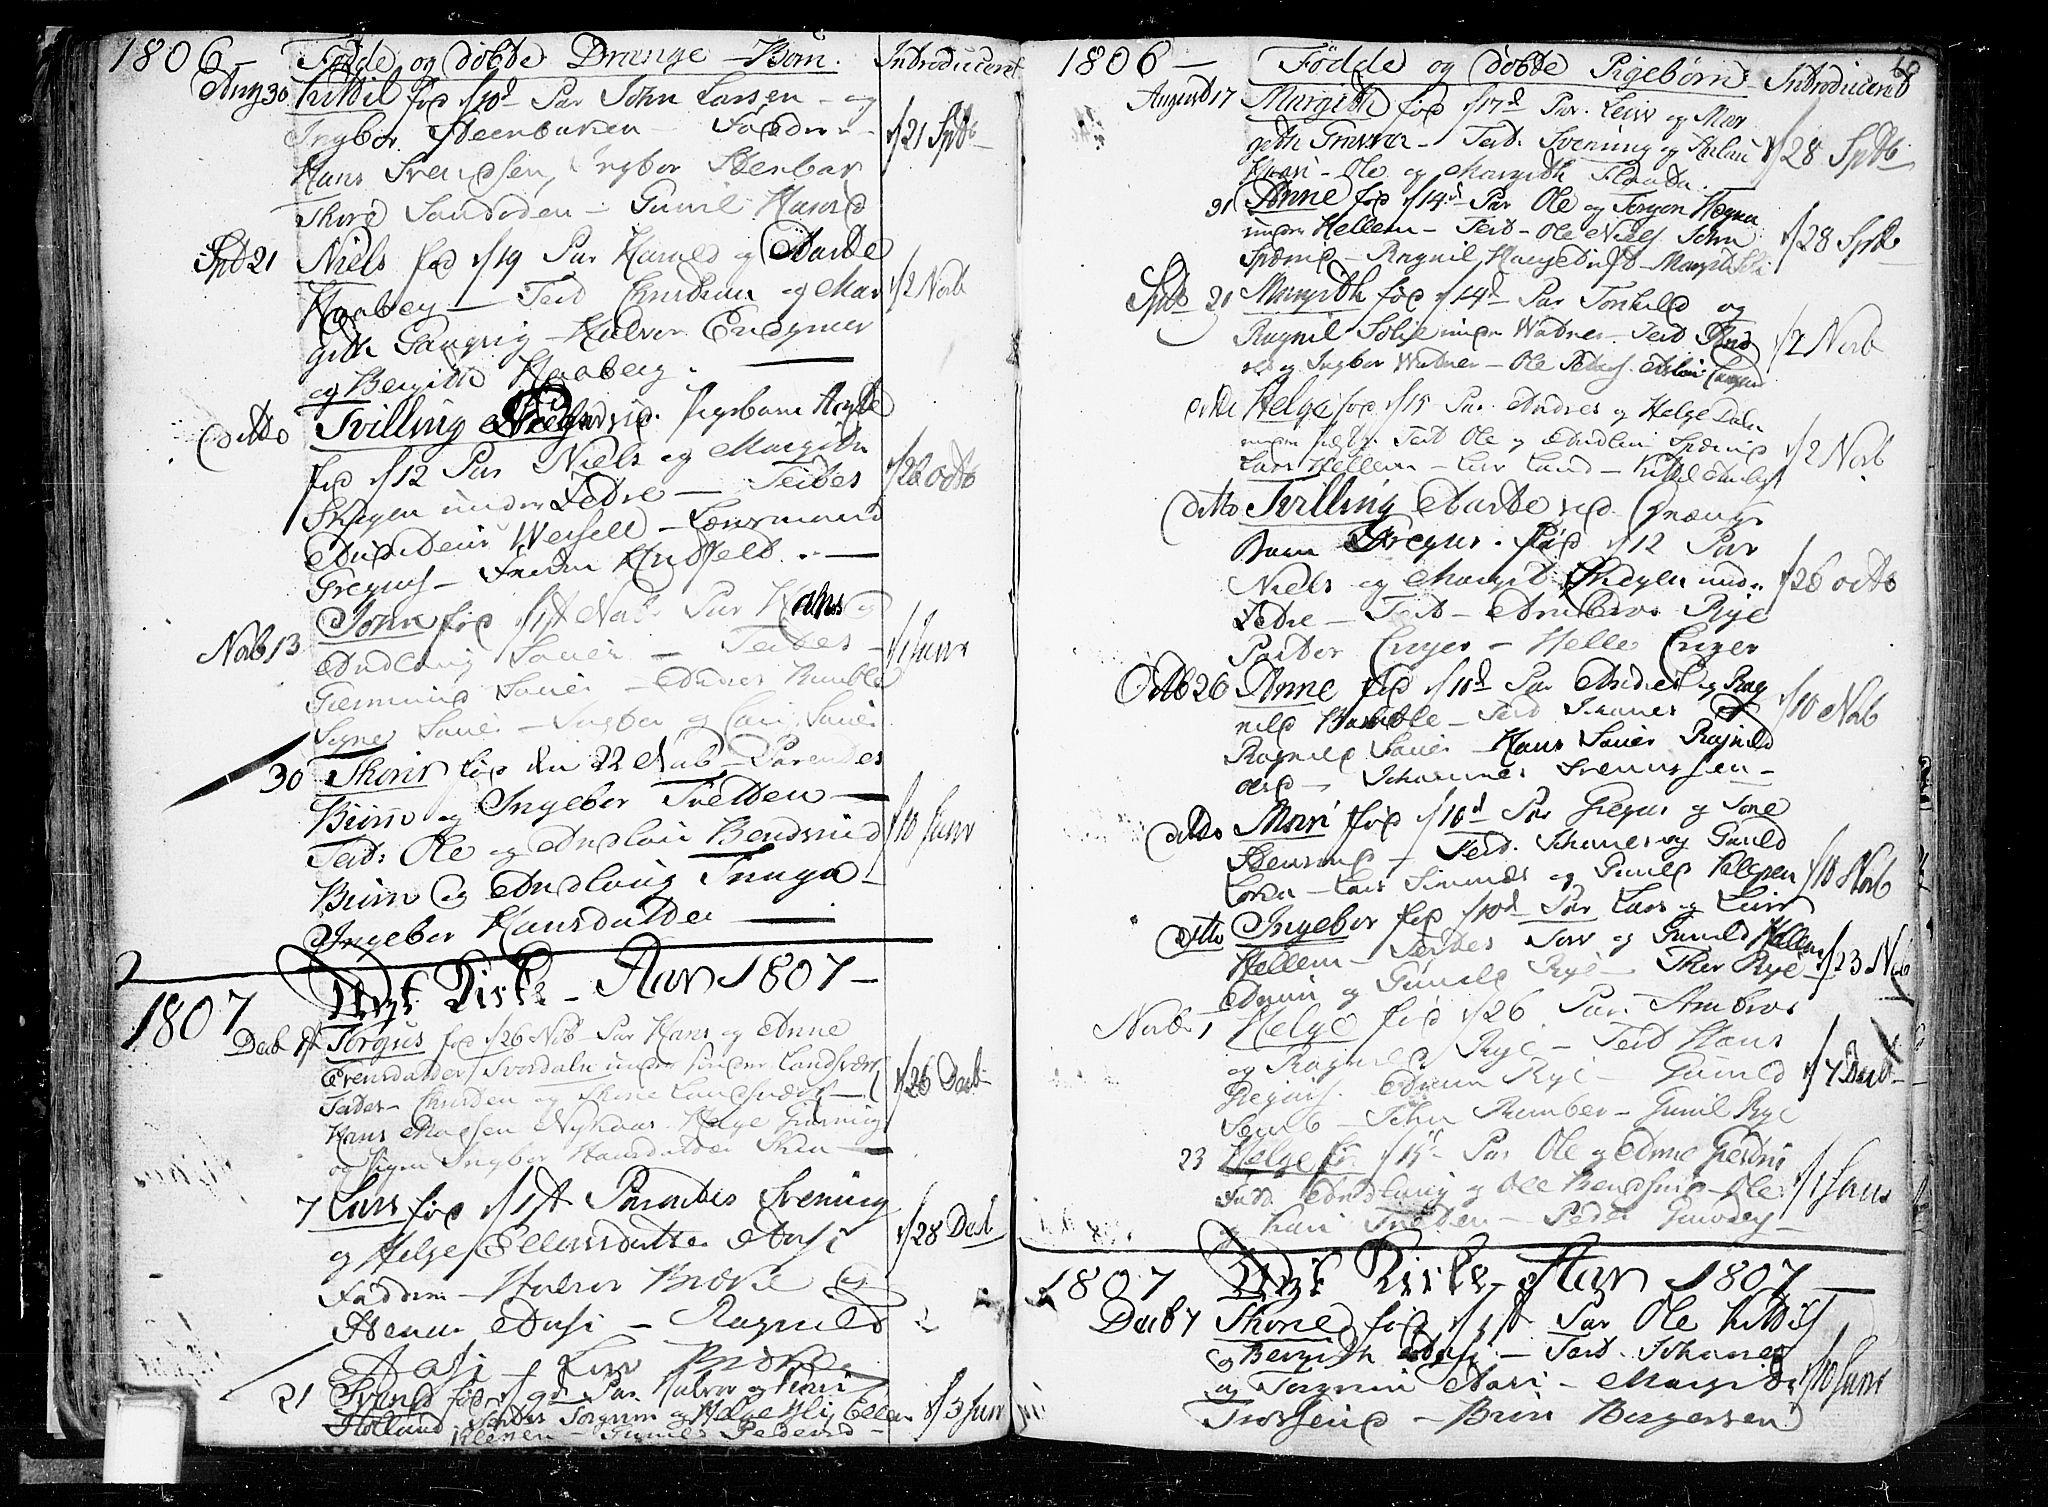 SAKO, Heddal kirkebøker, F/Fa/L0004: Ministerialbok nr. I 4, 1784-1814, s. 60